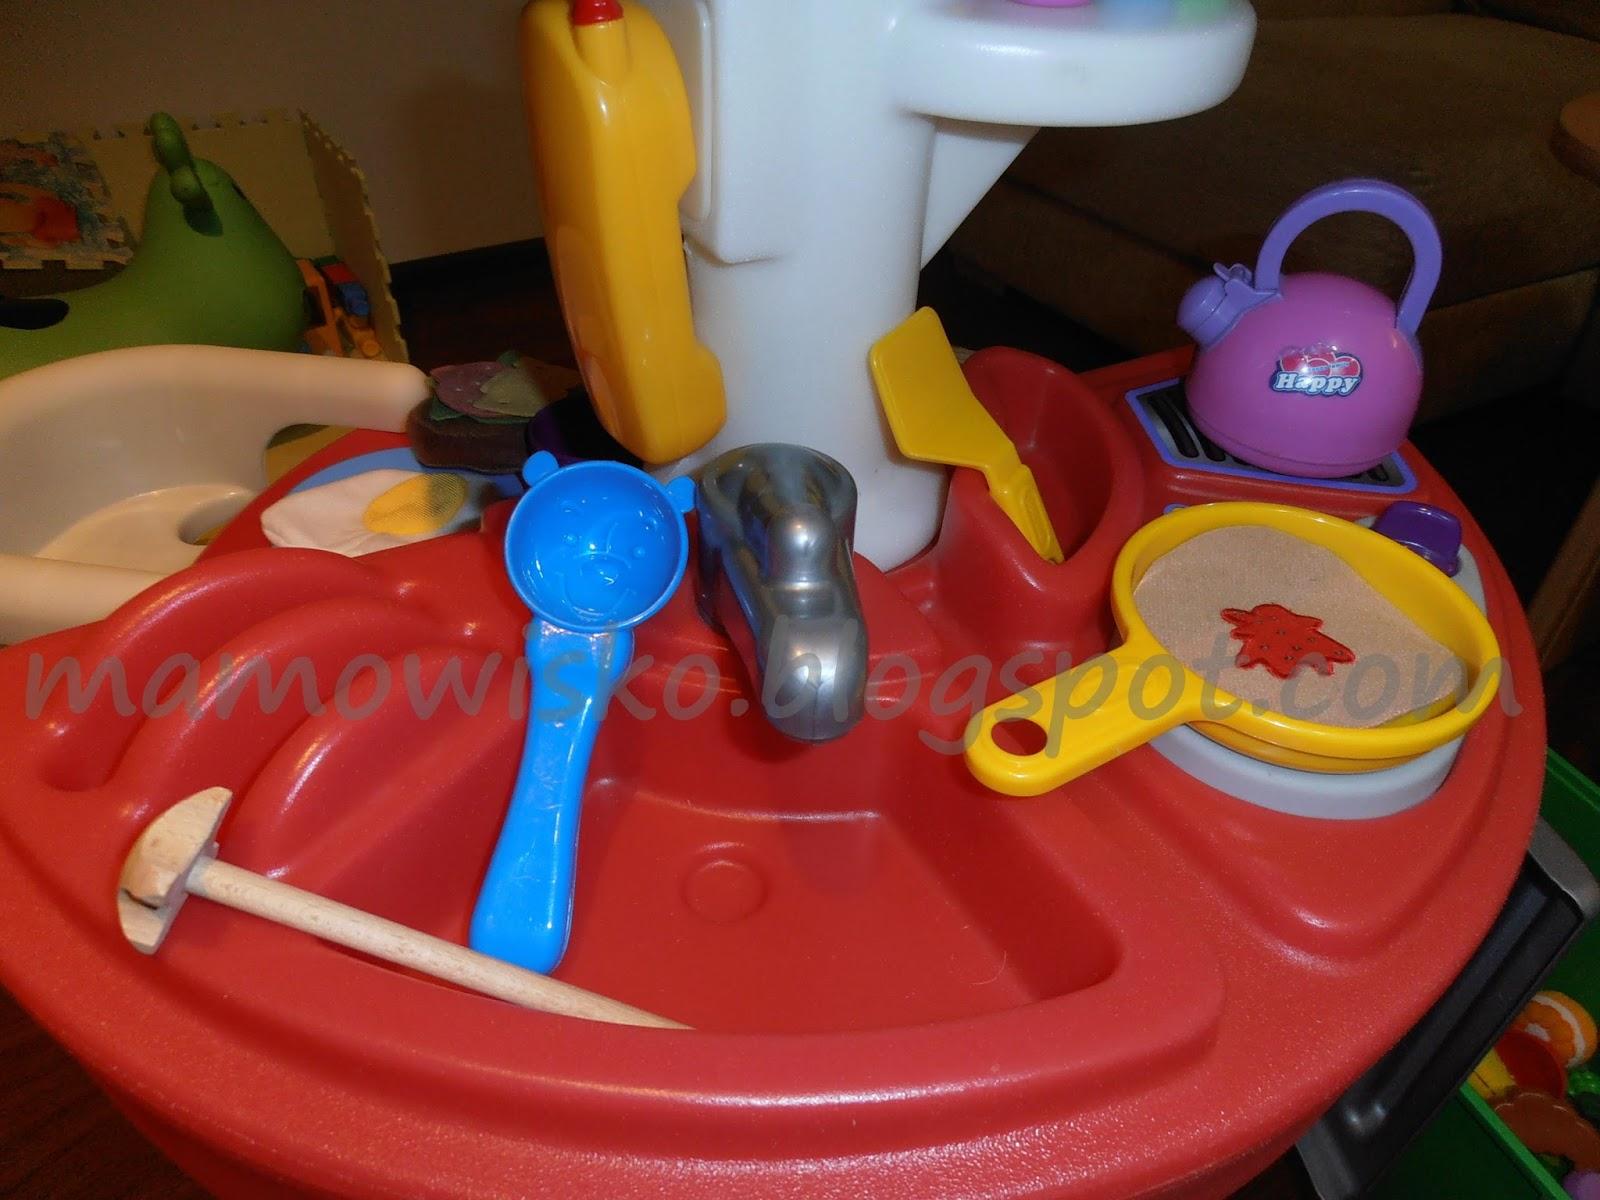 Dzieciaki gotują  Magiczna Kuchnia Little Tikes  Dzieciaki Testuja pl  vid   -> Kuchnia Little Tikes Nauka Gotowania